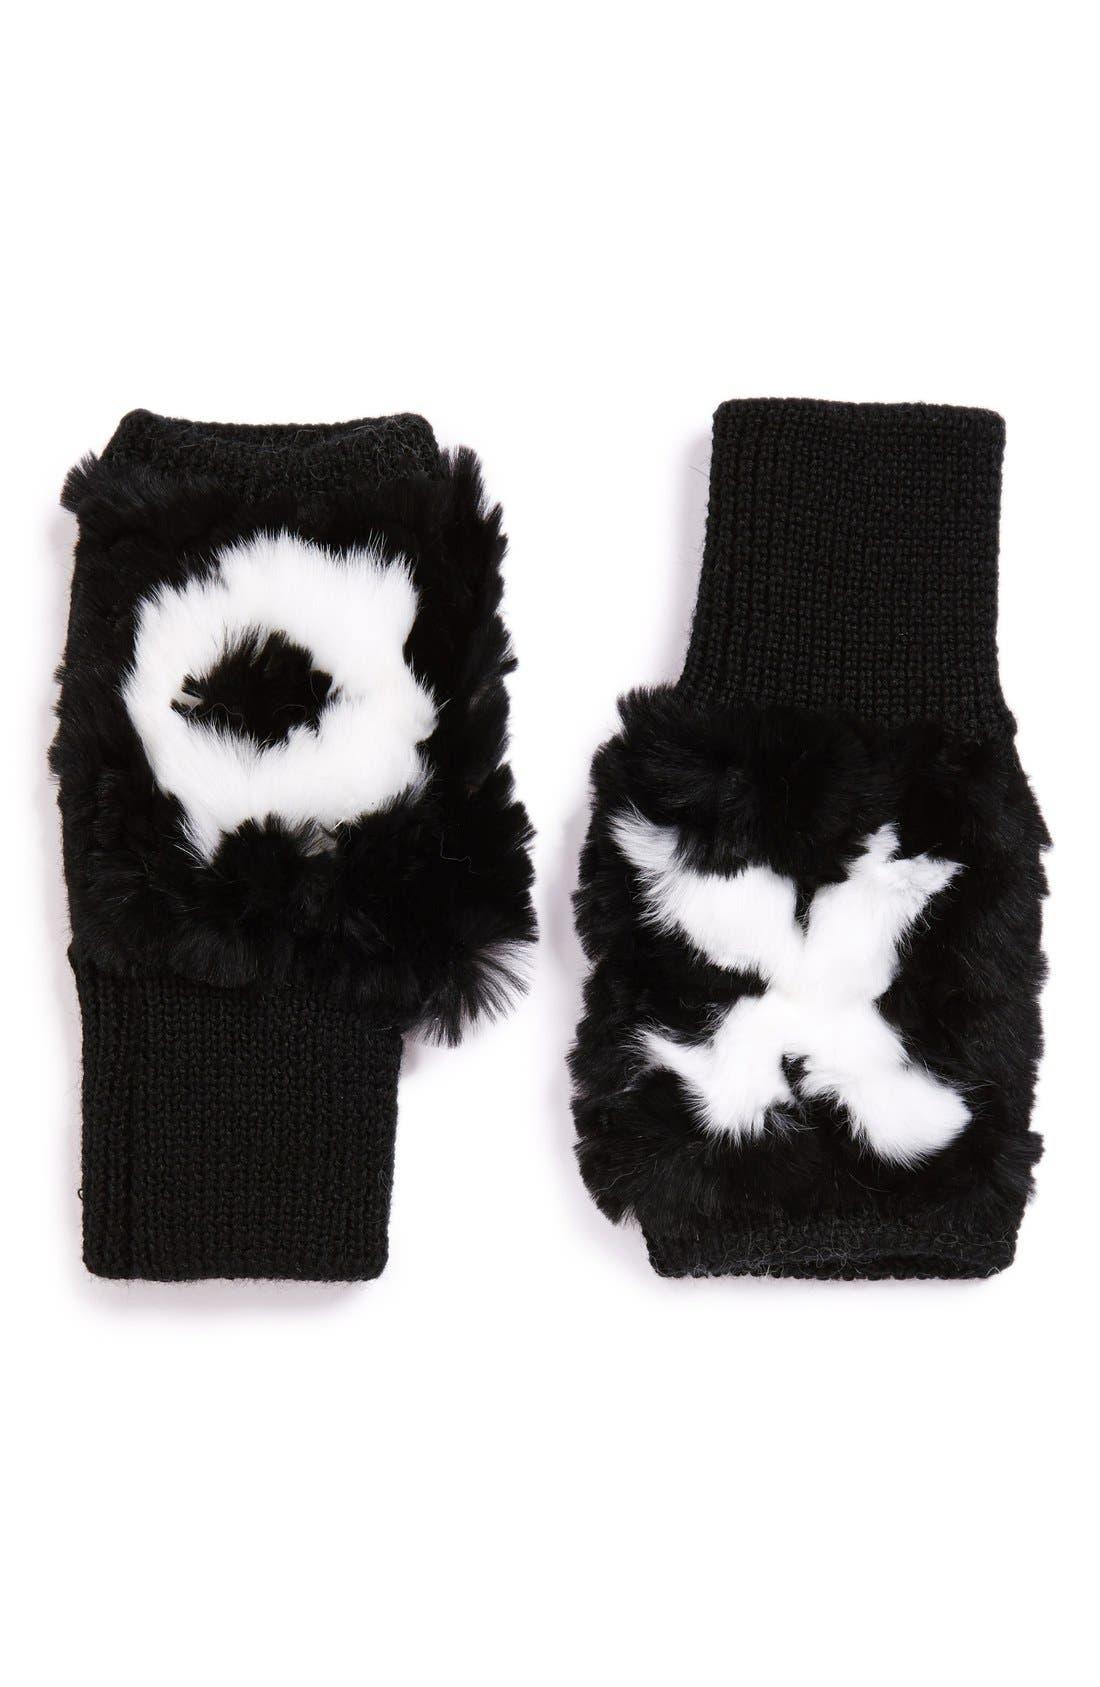 Alternate Image 1 Selected - Jocelyn 'XO' Genuine Rex Rabbit Fur Trim FingerlessMittens